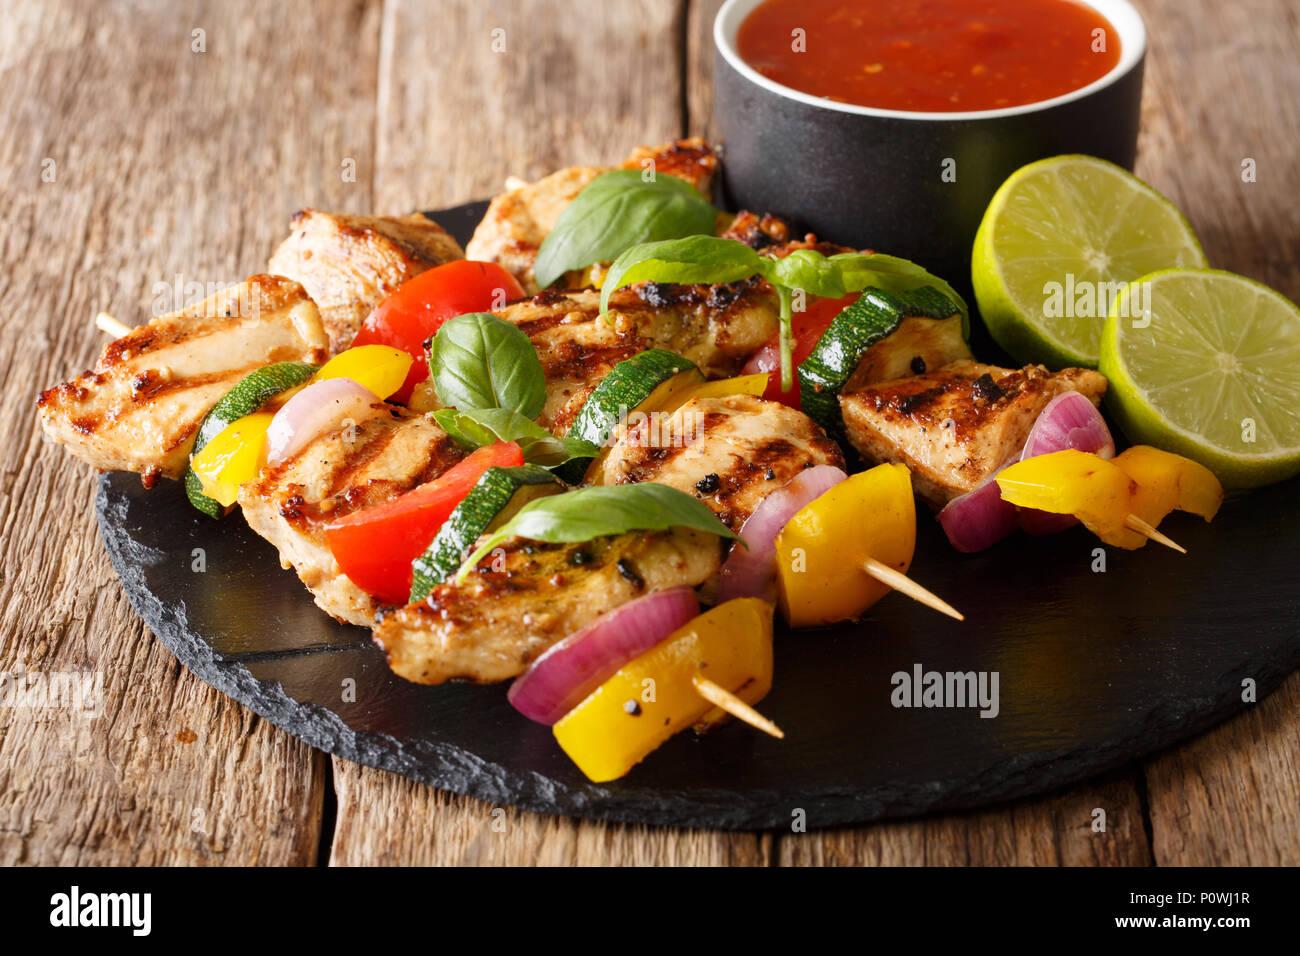 Servito pollo grigliato kebab spiedini con verdure con salsa di erbe e di calce closeup su una piastra di ardesia su una tavola orizzontale. Immagini Stock